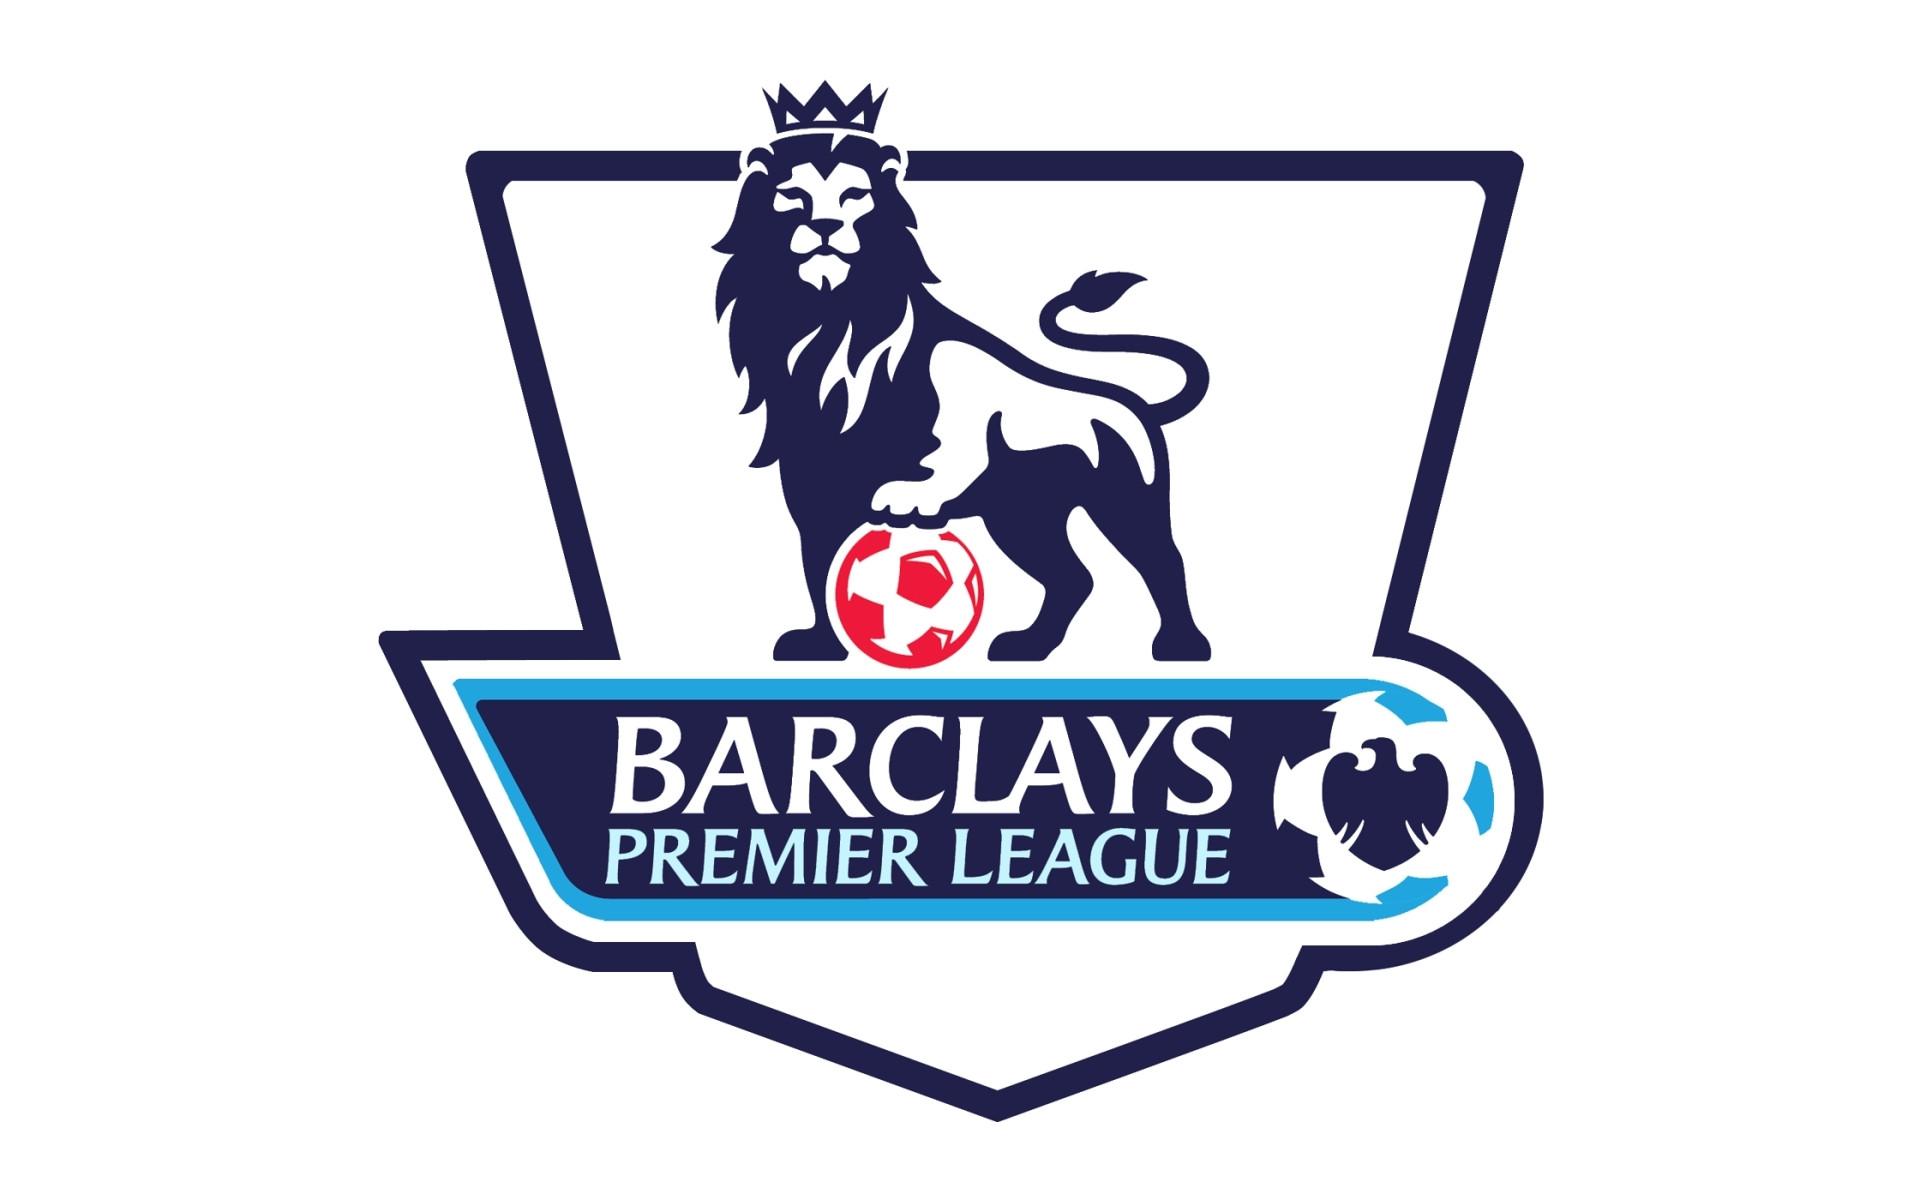 Букмекерские конторы: спорт прогнозы и лайв ставки онлайн на футбол в АПЛ